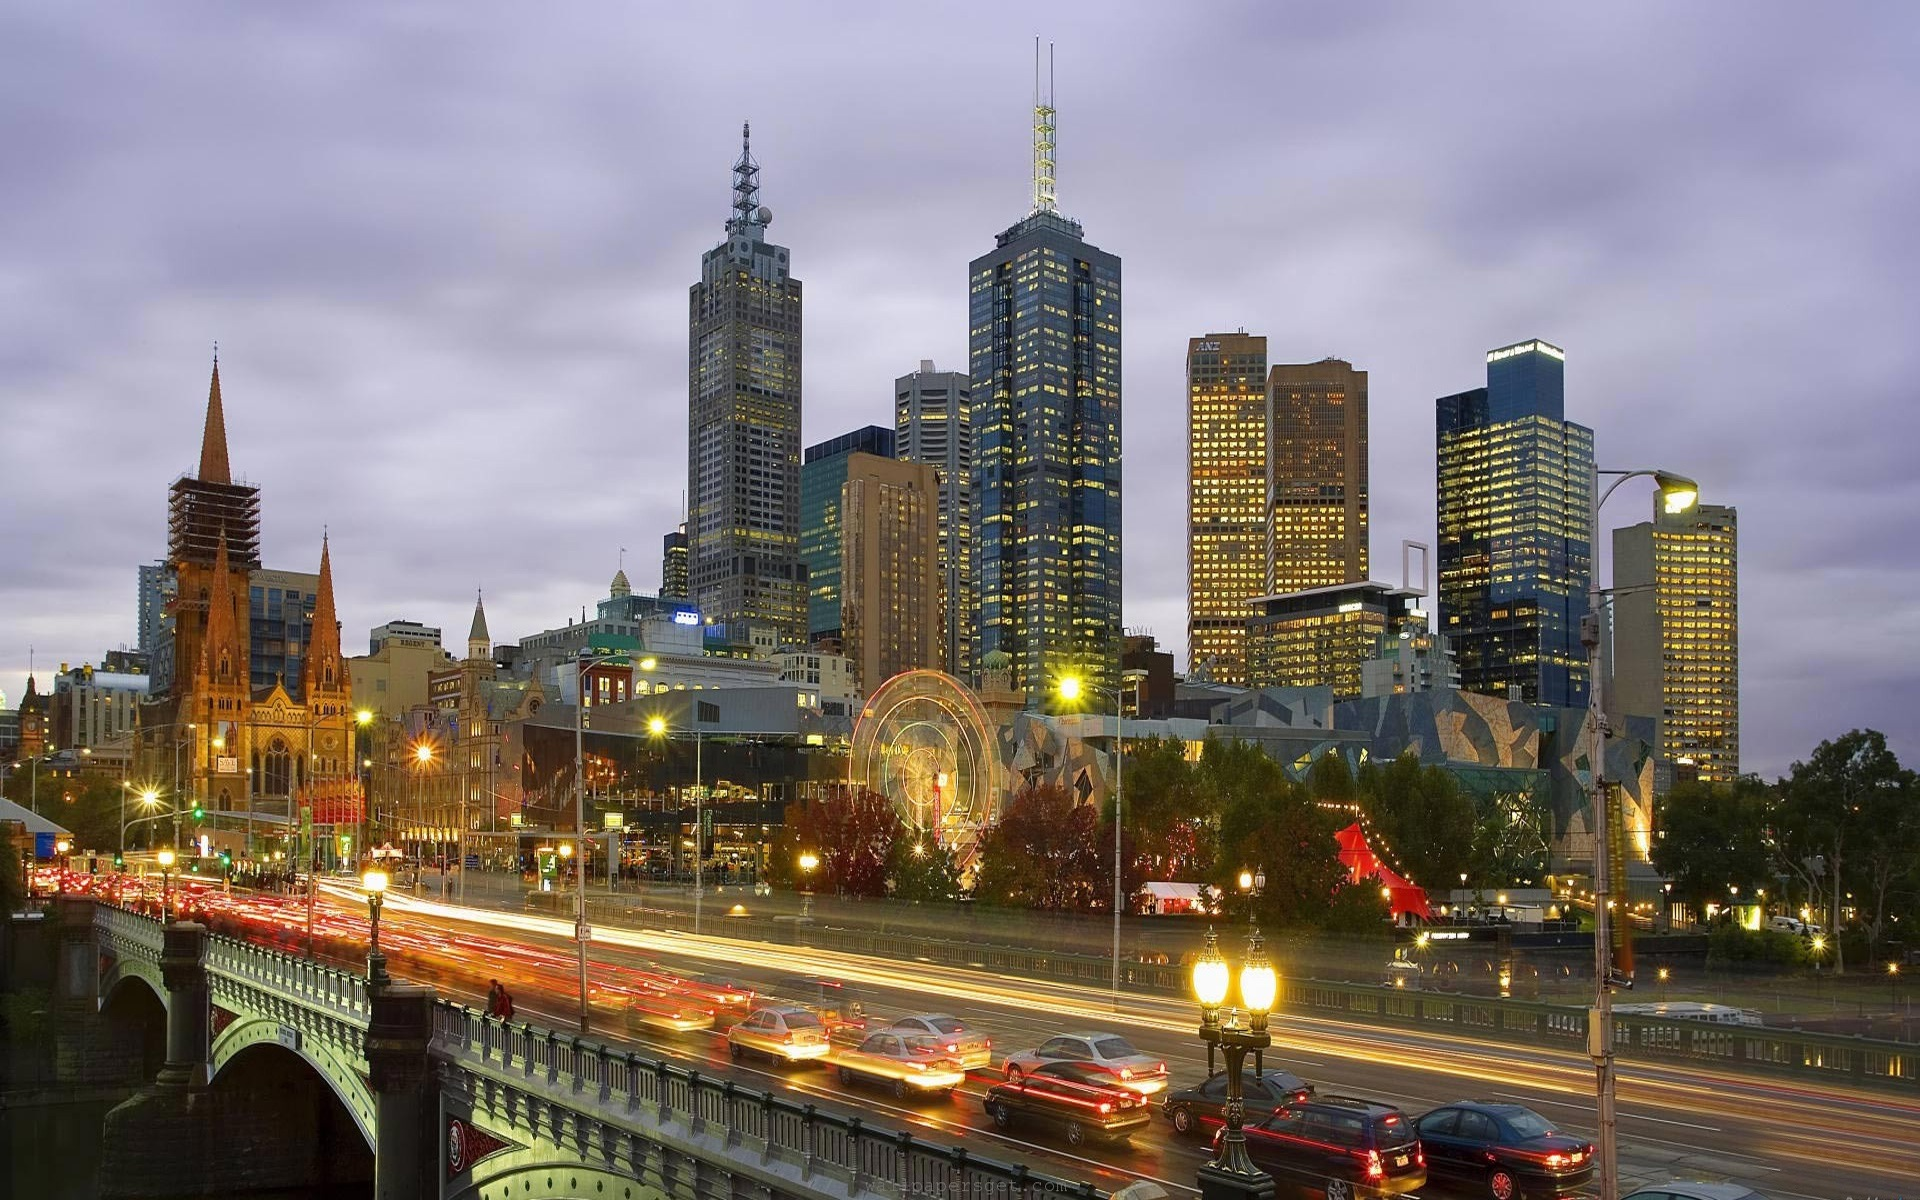 澳大利亚 墨尔本 城市风景 高清壁纸8 - 1920x1200